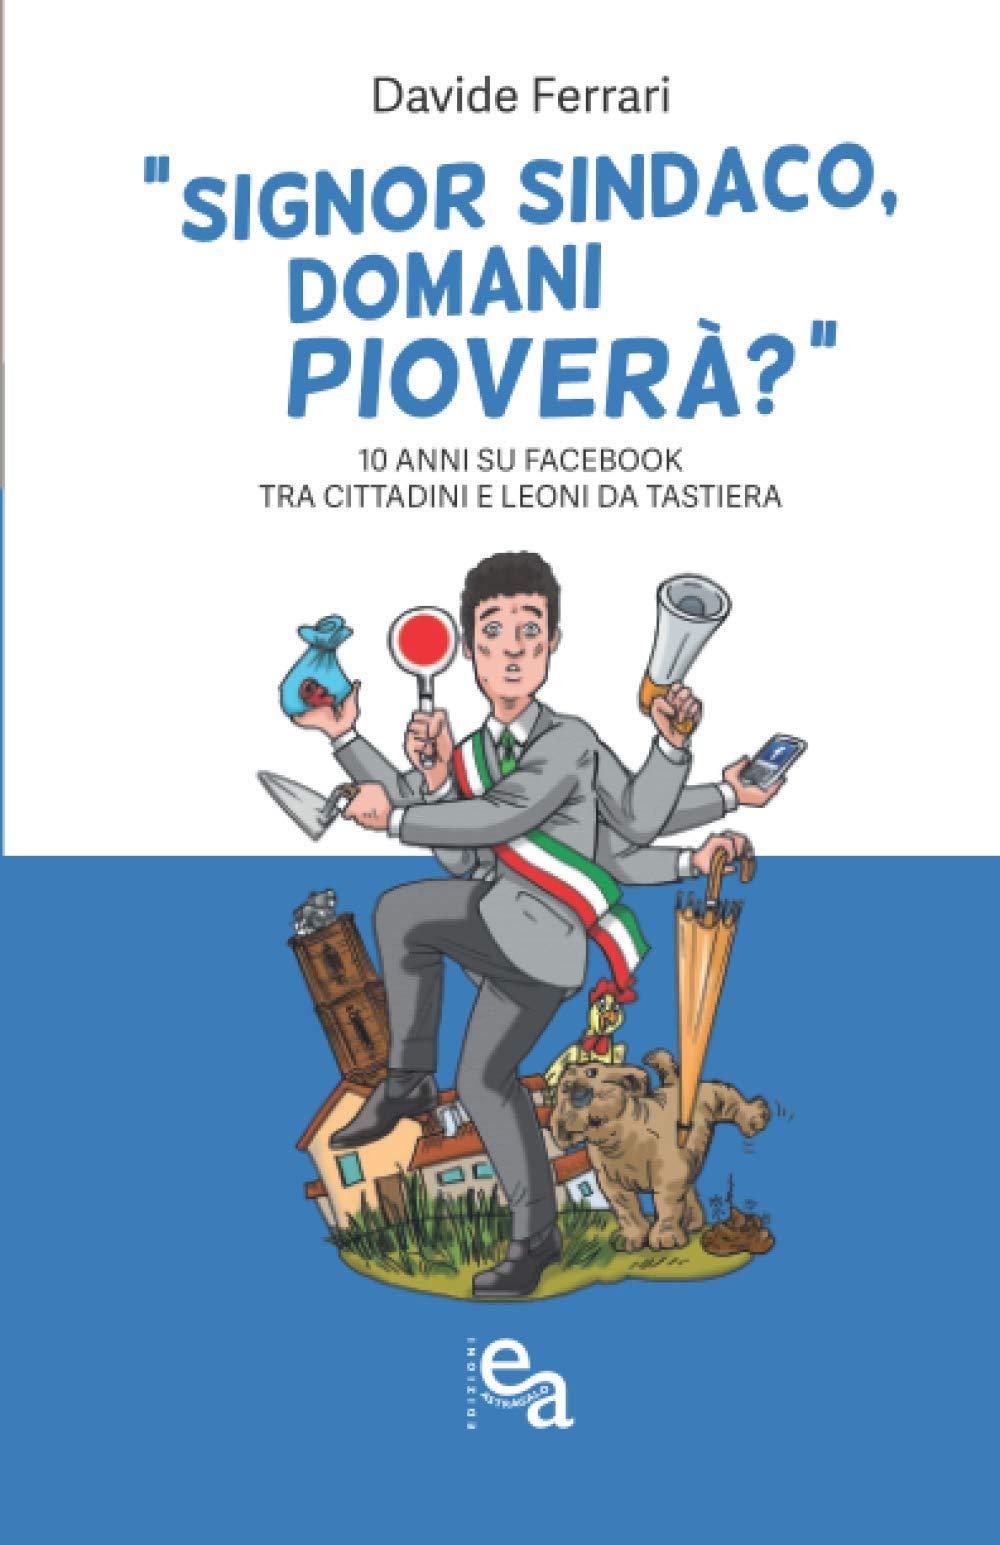 Signor Sindaco, domani pioverà?: 10 anni su Facebook tra Cittadini e leoni  da tastiera : Ferrari, Davide: Amazon.it: Libri